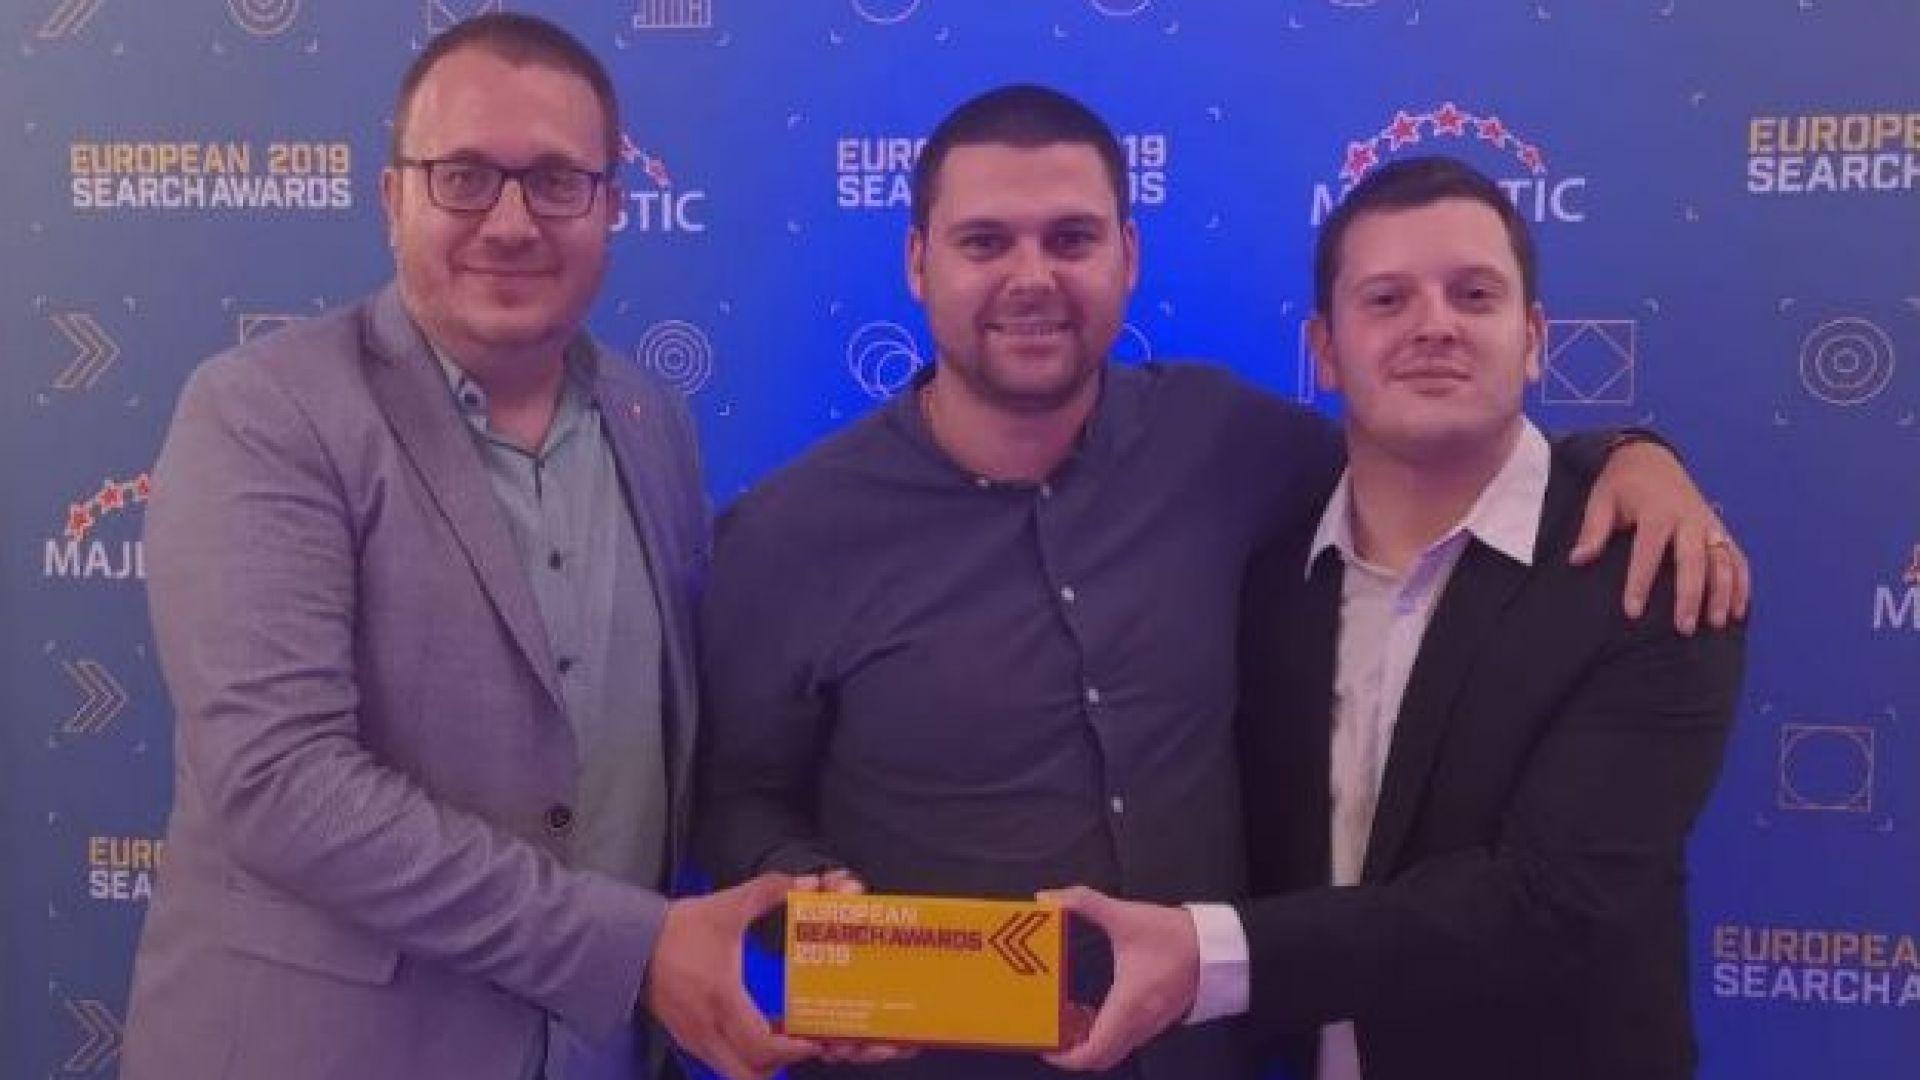 Българи спечелиха европейско отличие за SEО оптимизация